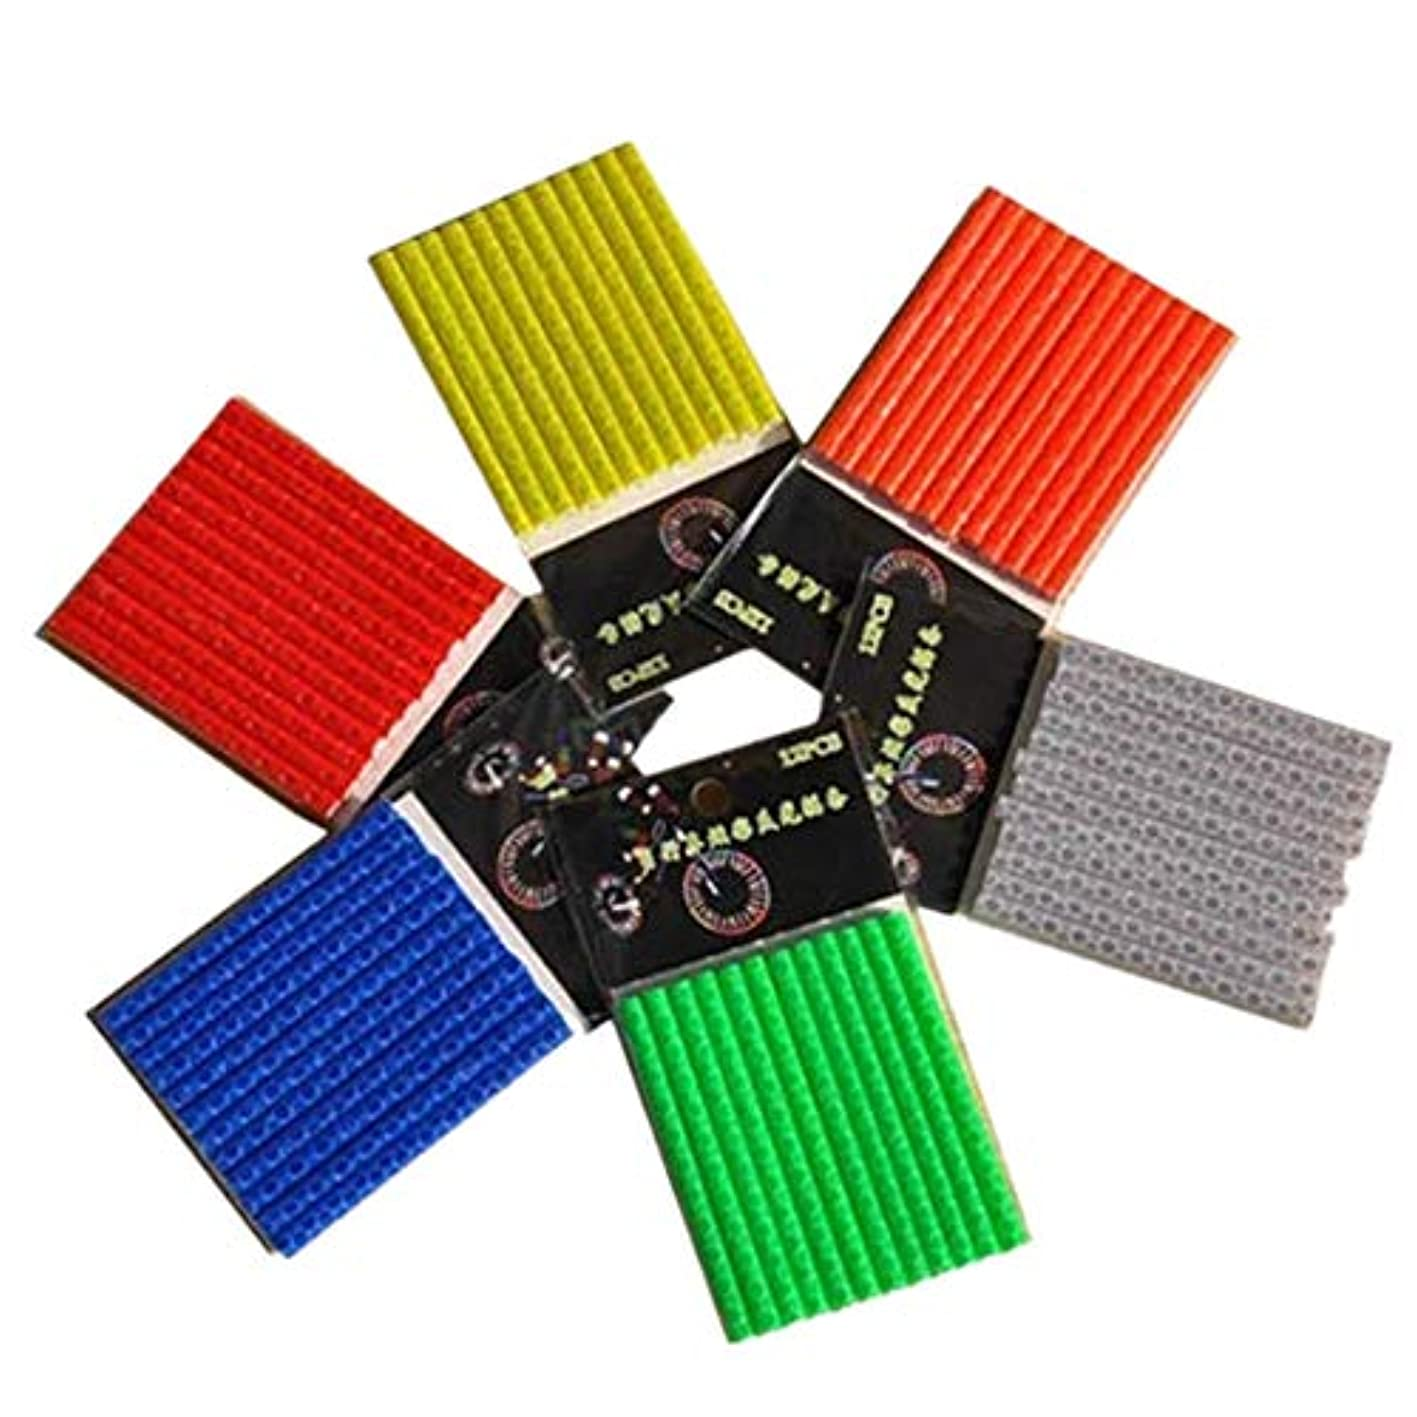 過度の弾丸アレンジ自転車ホイールチューブスポークリフレクター、反射装置クリップ、チューブ警告テープストリップ6セット/ 72個